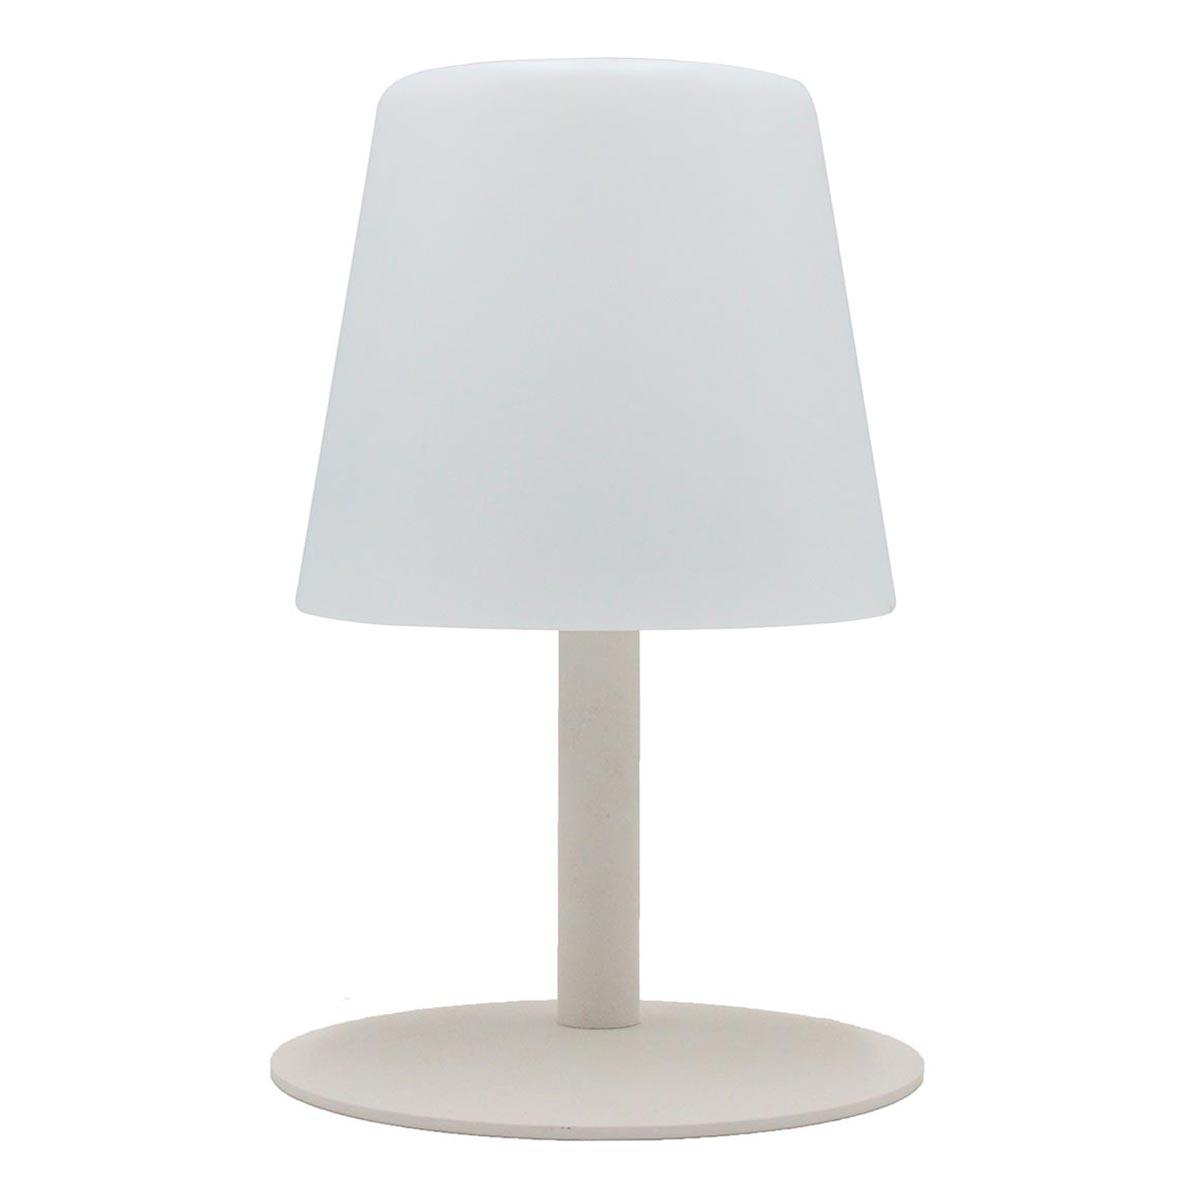 STANDY MINI-Lampe de table sans fil acier crème H25cm